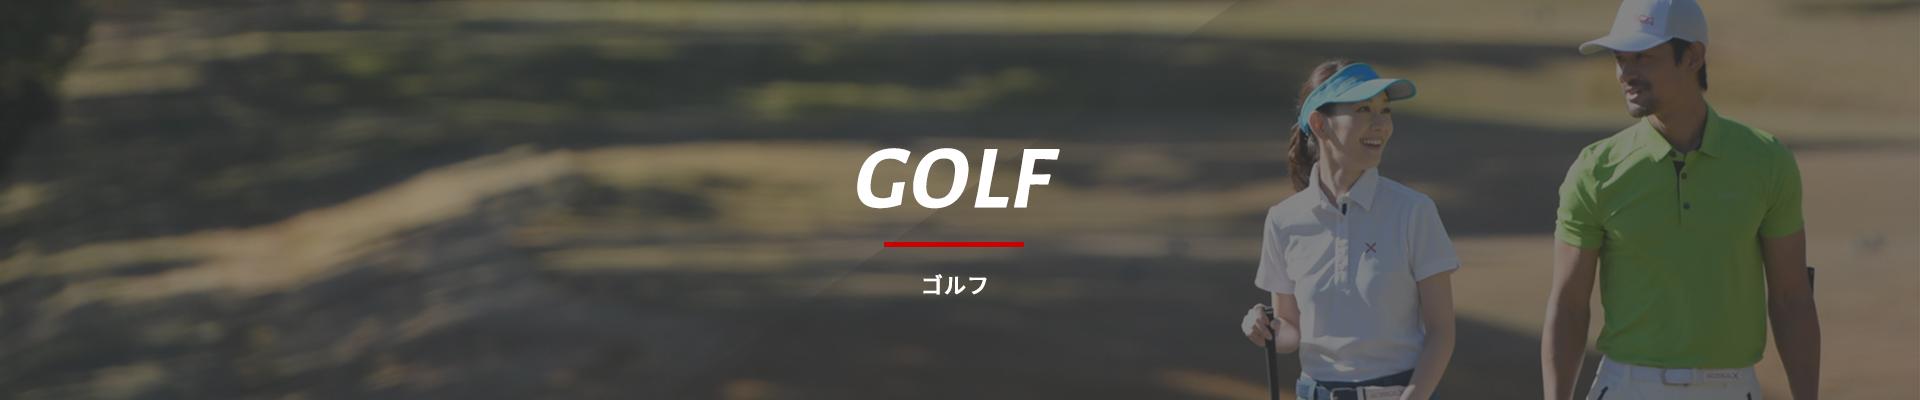 ゴルフTOP